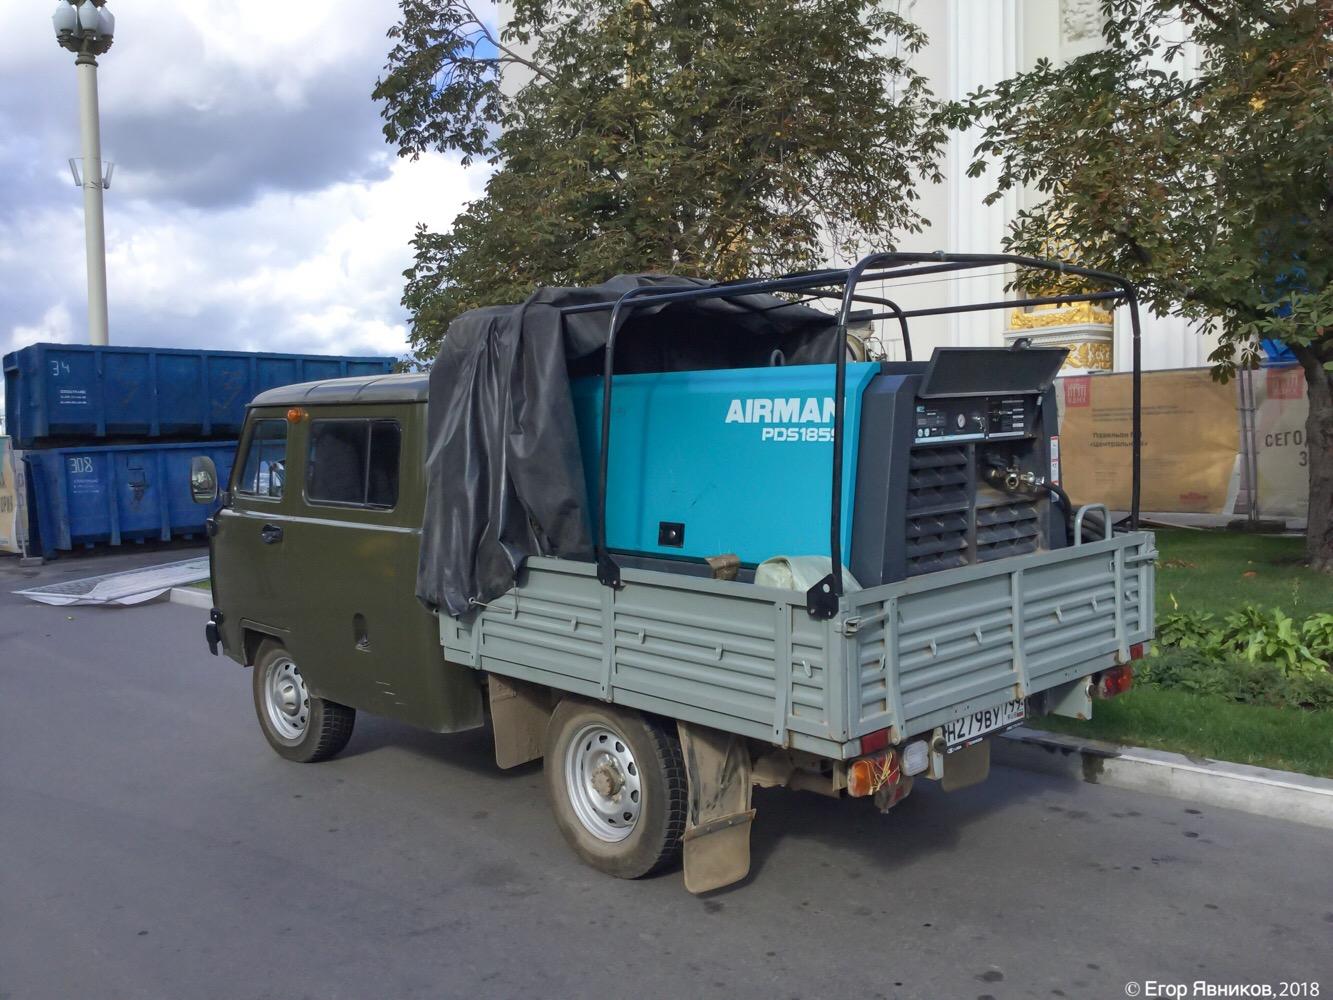 Автомобиль УАЗ-390945 с компрессорной станцией Airman PDS185S, #н279ву799. Московская область, г. Москва, главная аллея ВДНХ